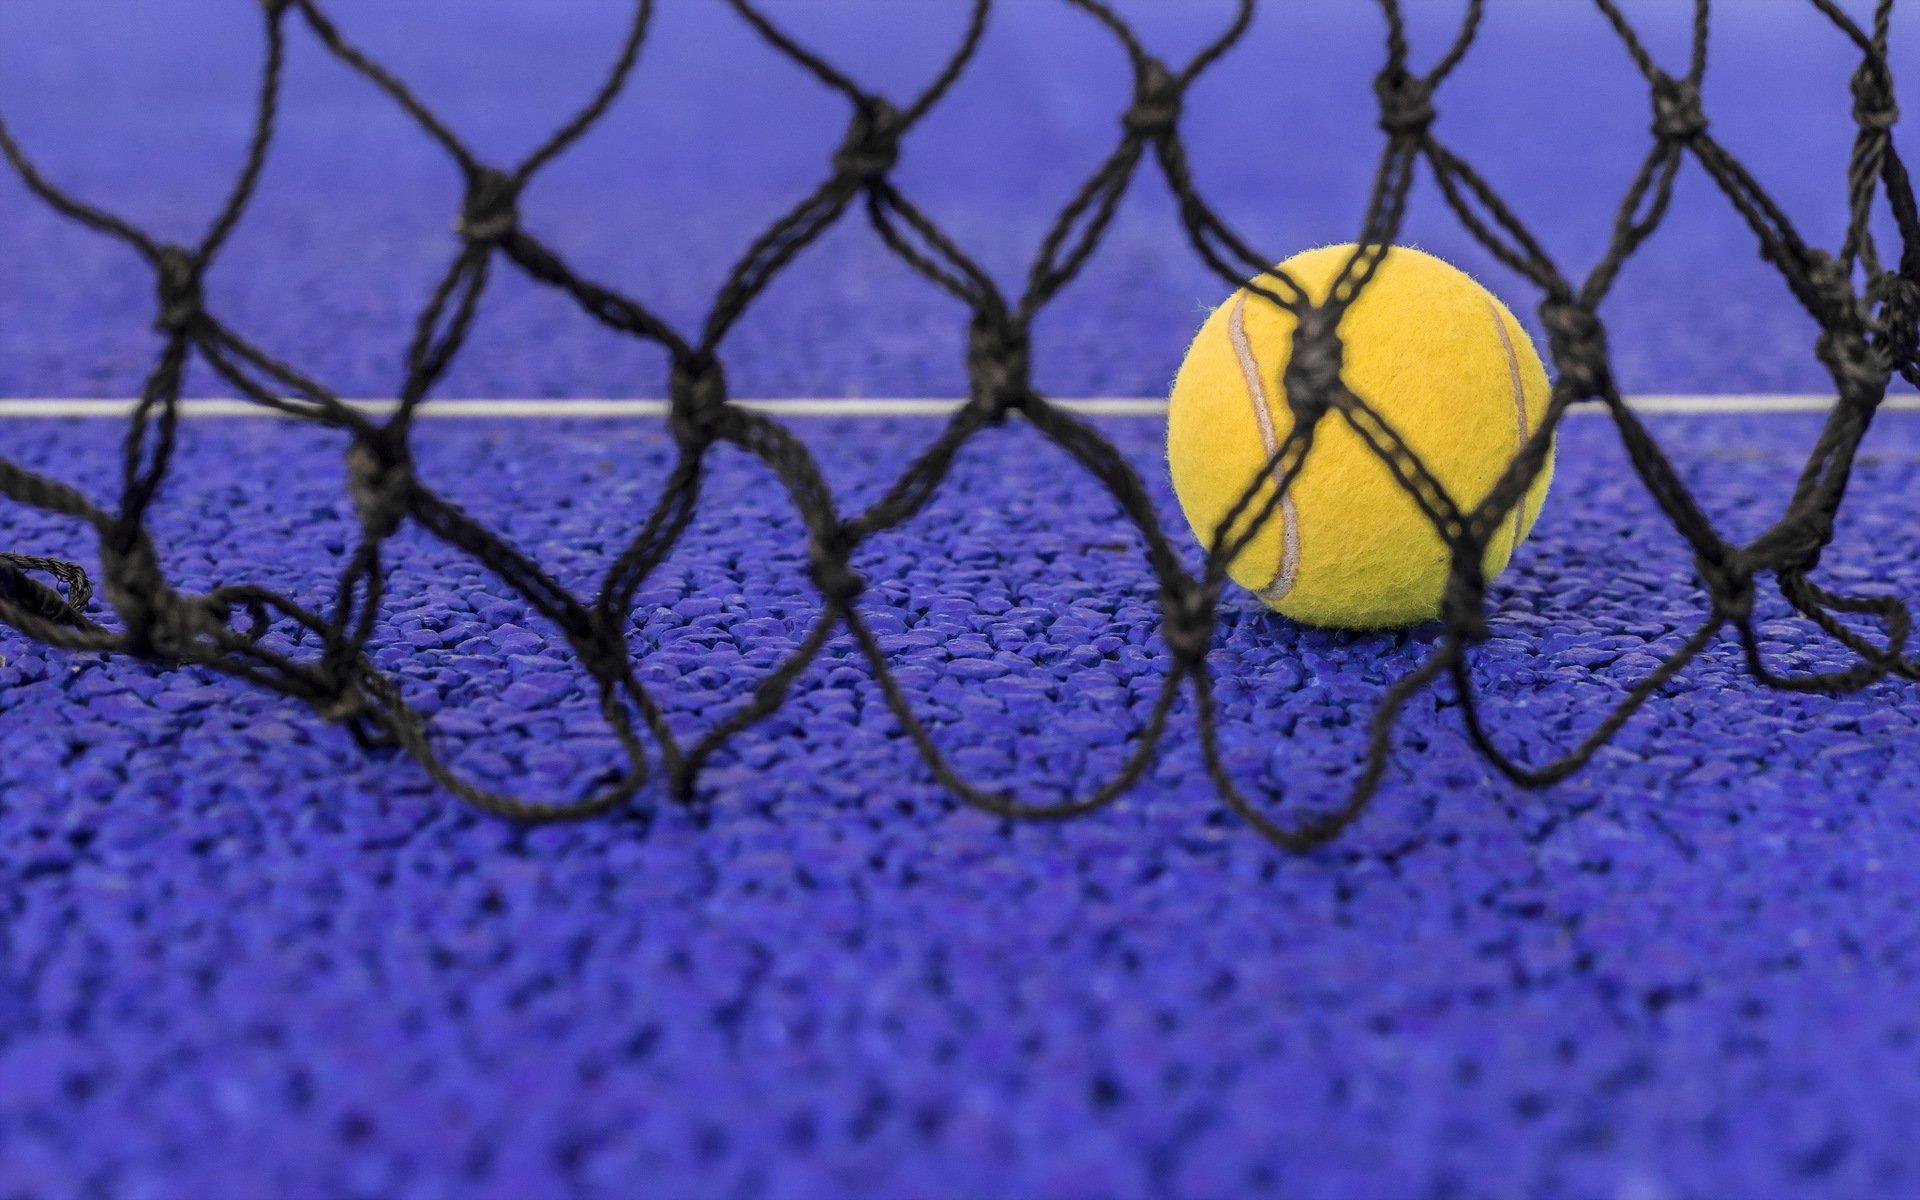 Мяч в сетке  № 1365509 бесплатно